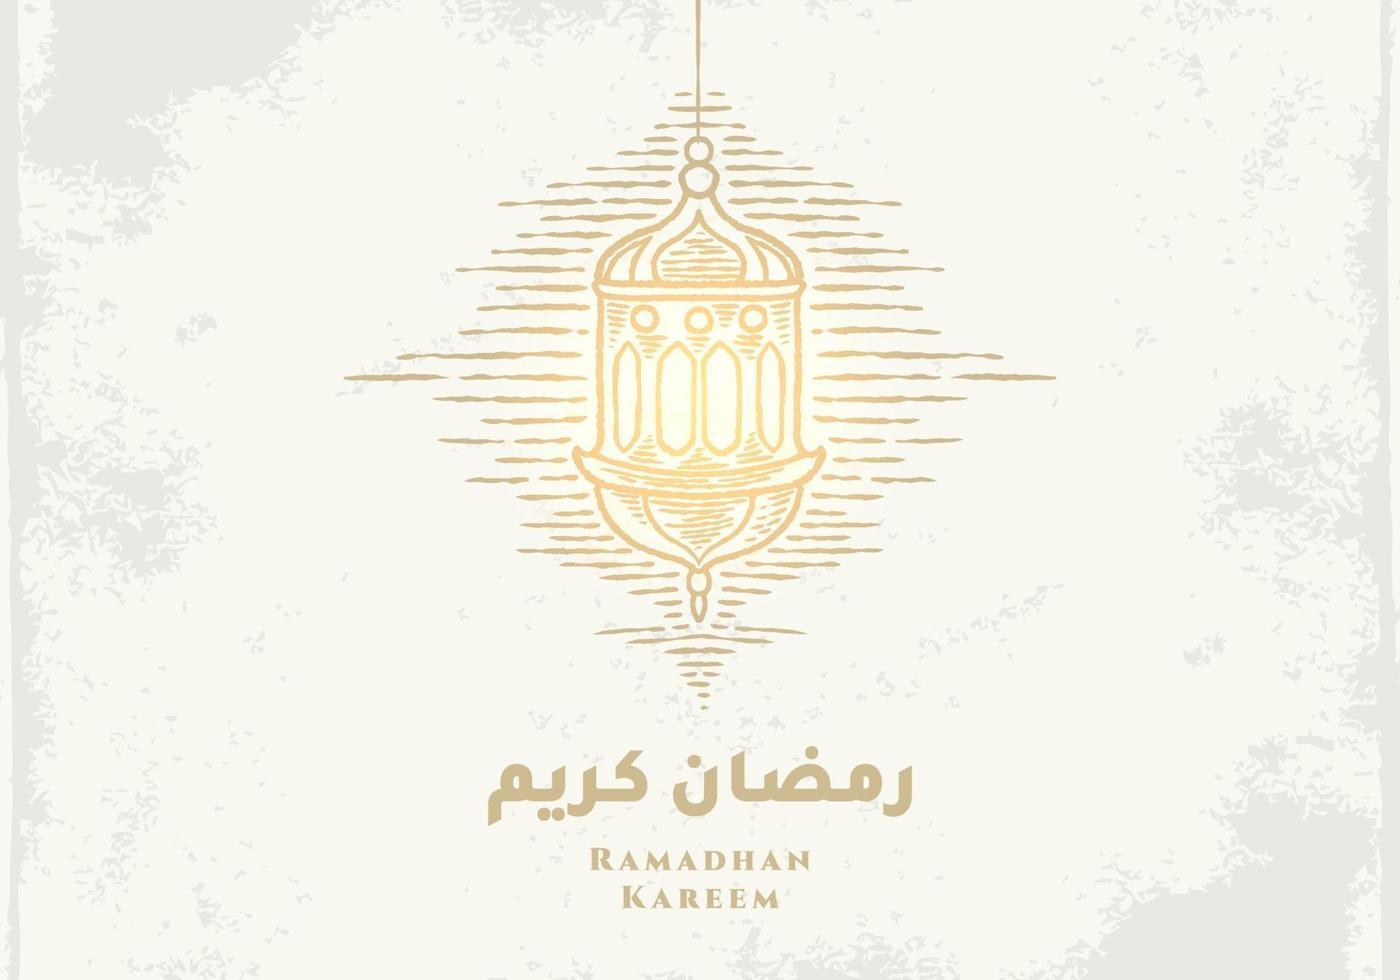 carte de voeux ramadan kareem avec croquis de lanterne dorée vecteur